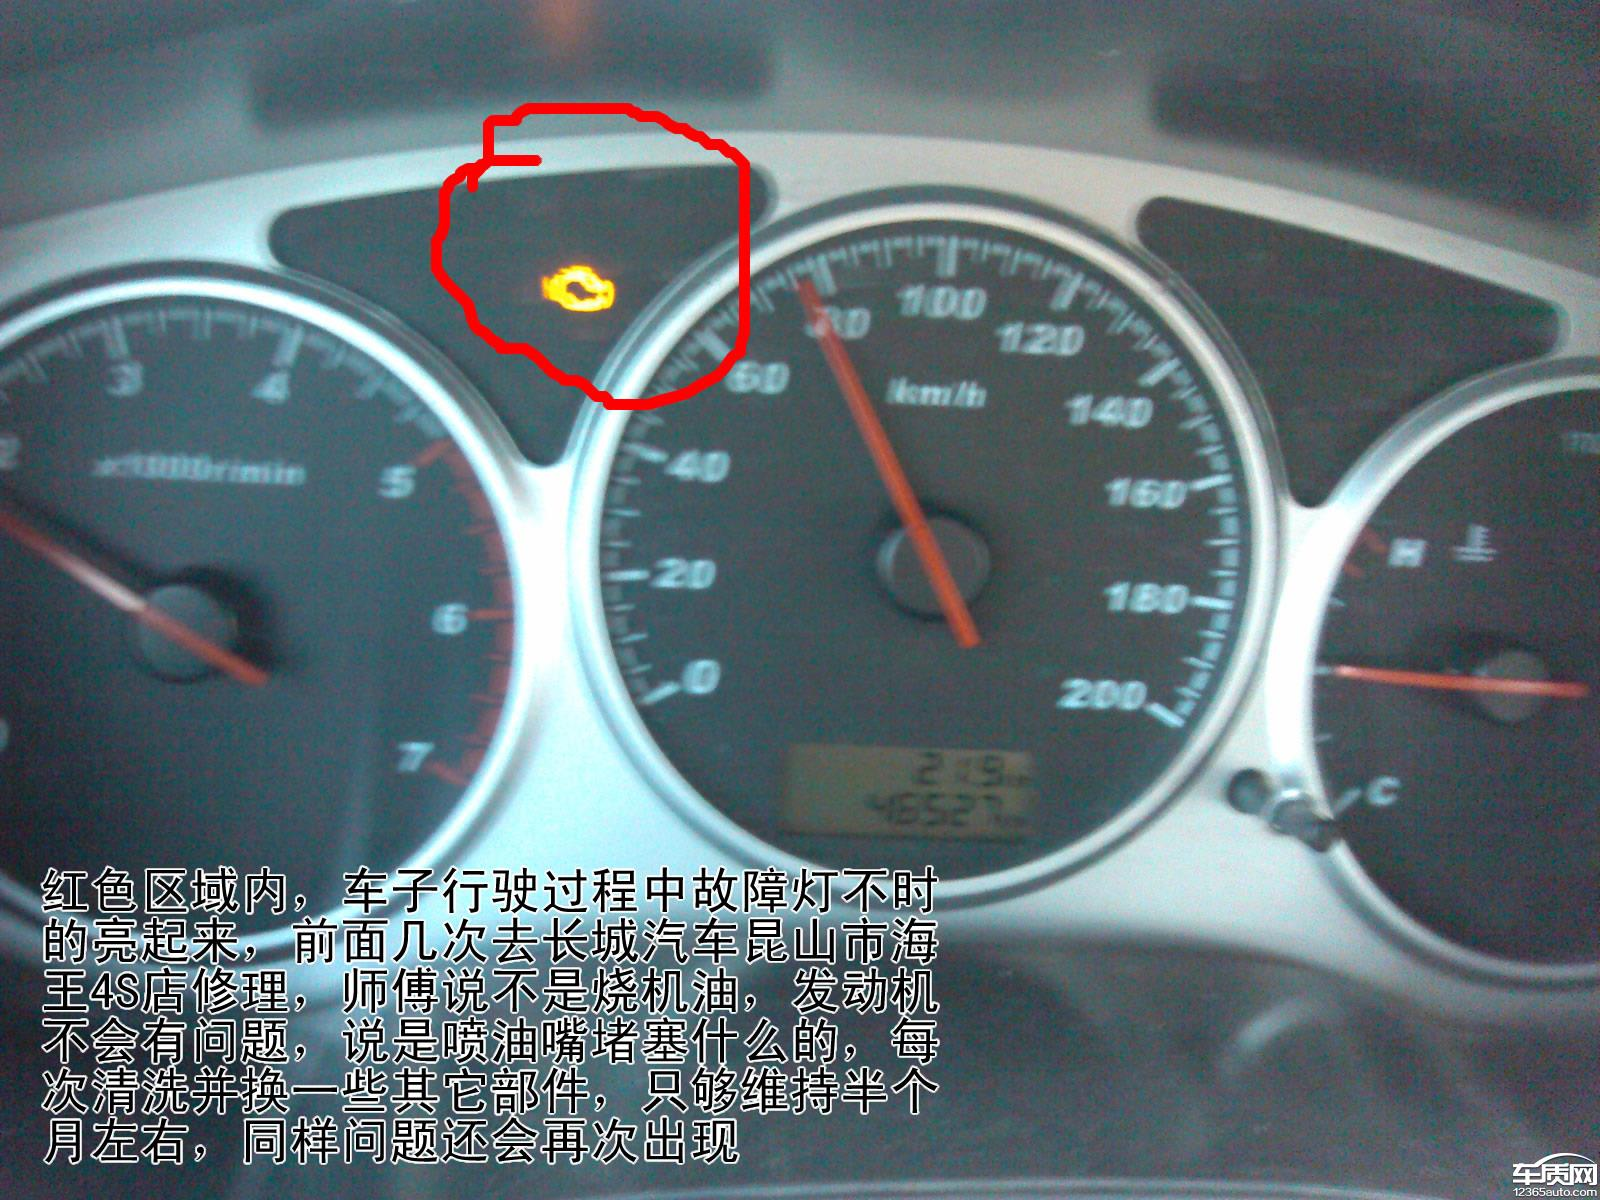 长城风骏3新车发动机故障灯亮图片